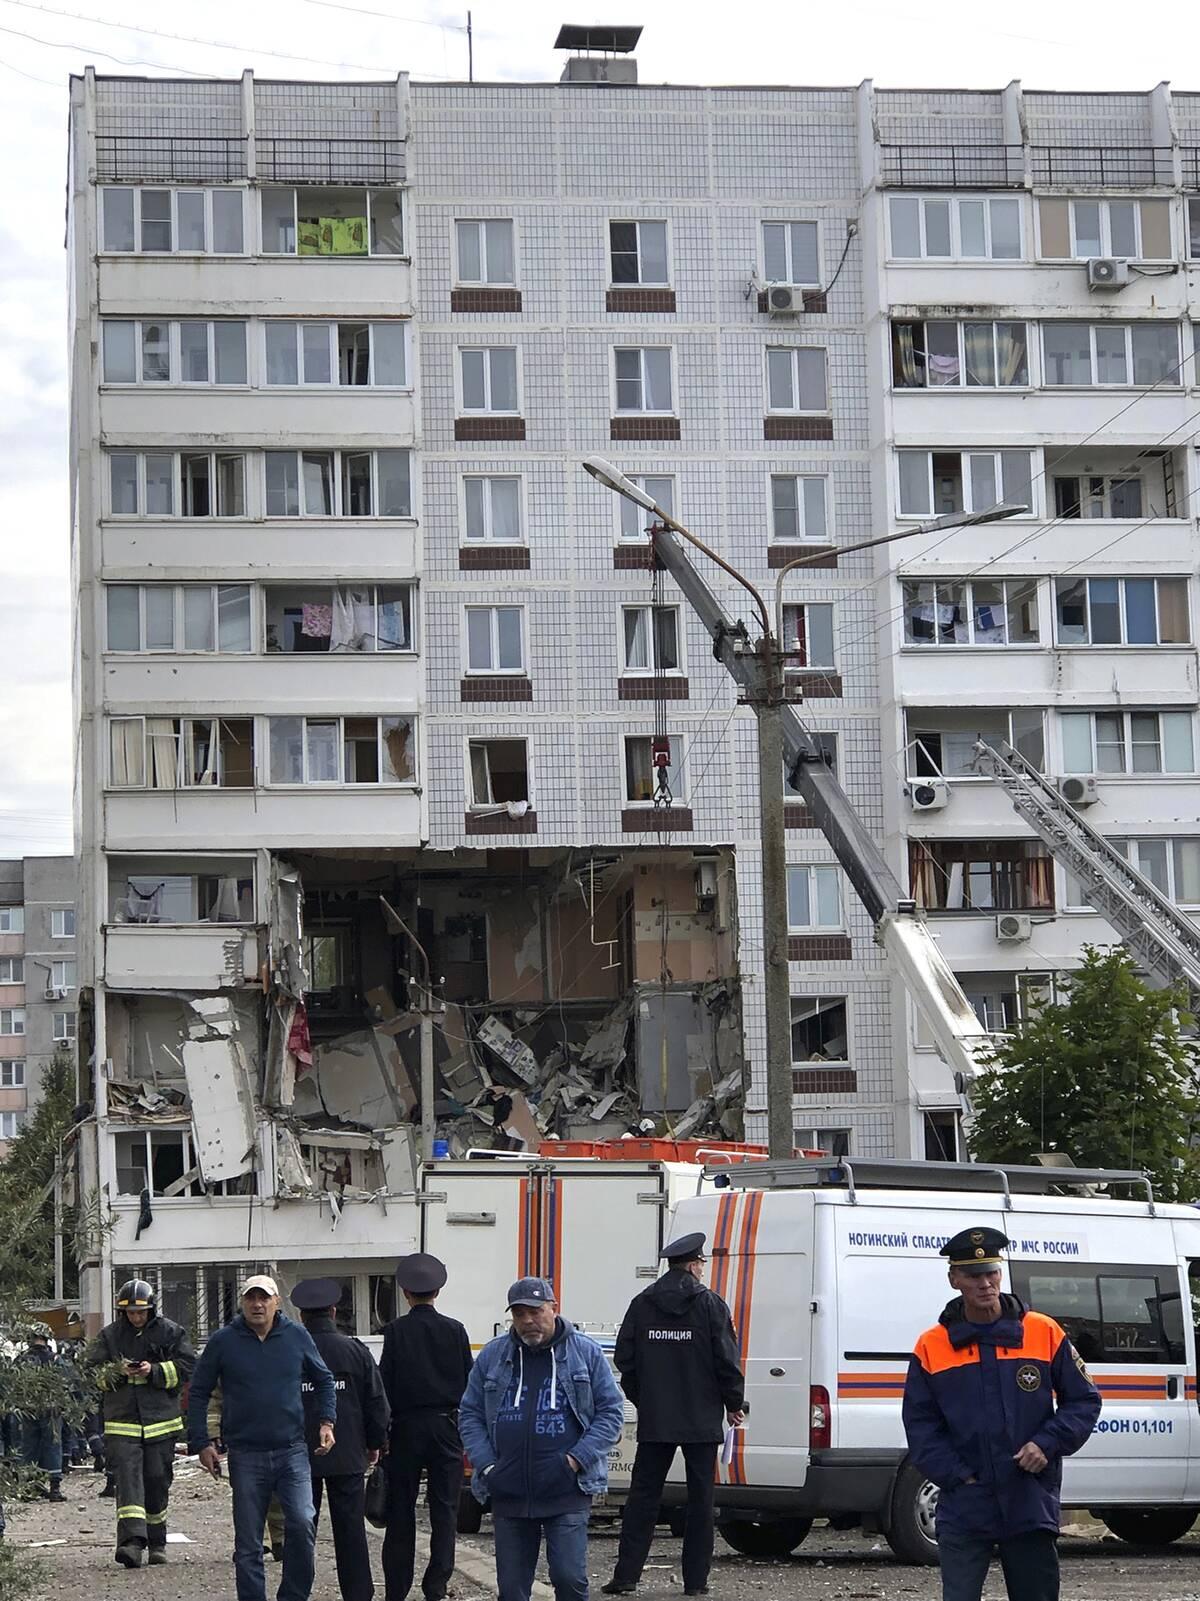 Έκρηξη στο Νογκίνσκ, κοντά στη Μόσχα.